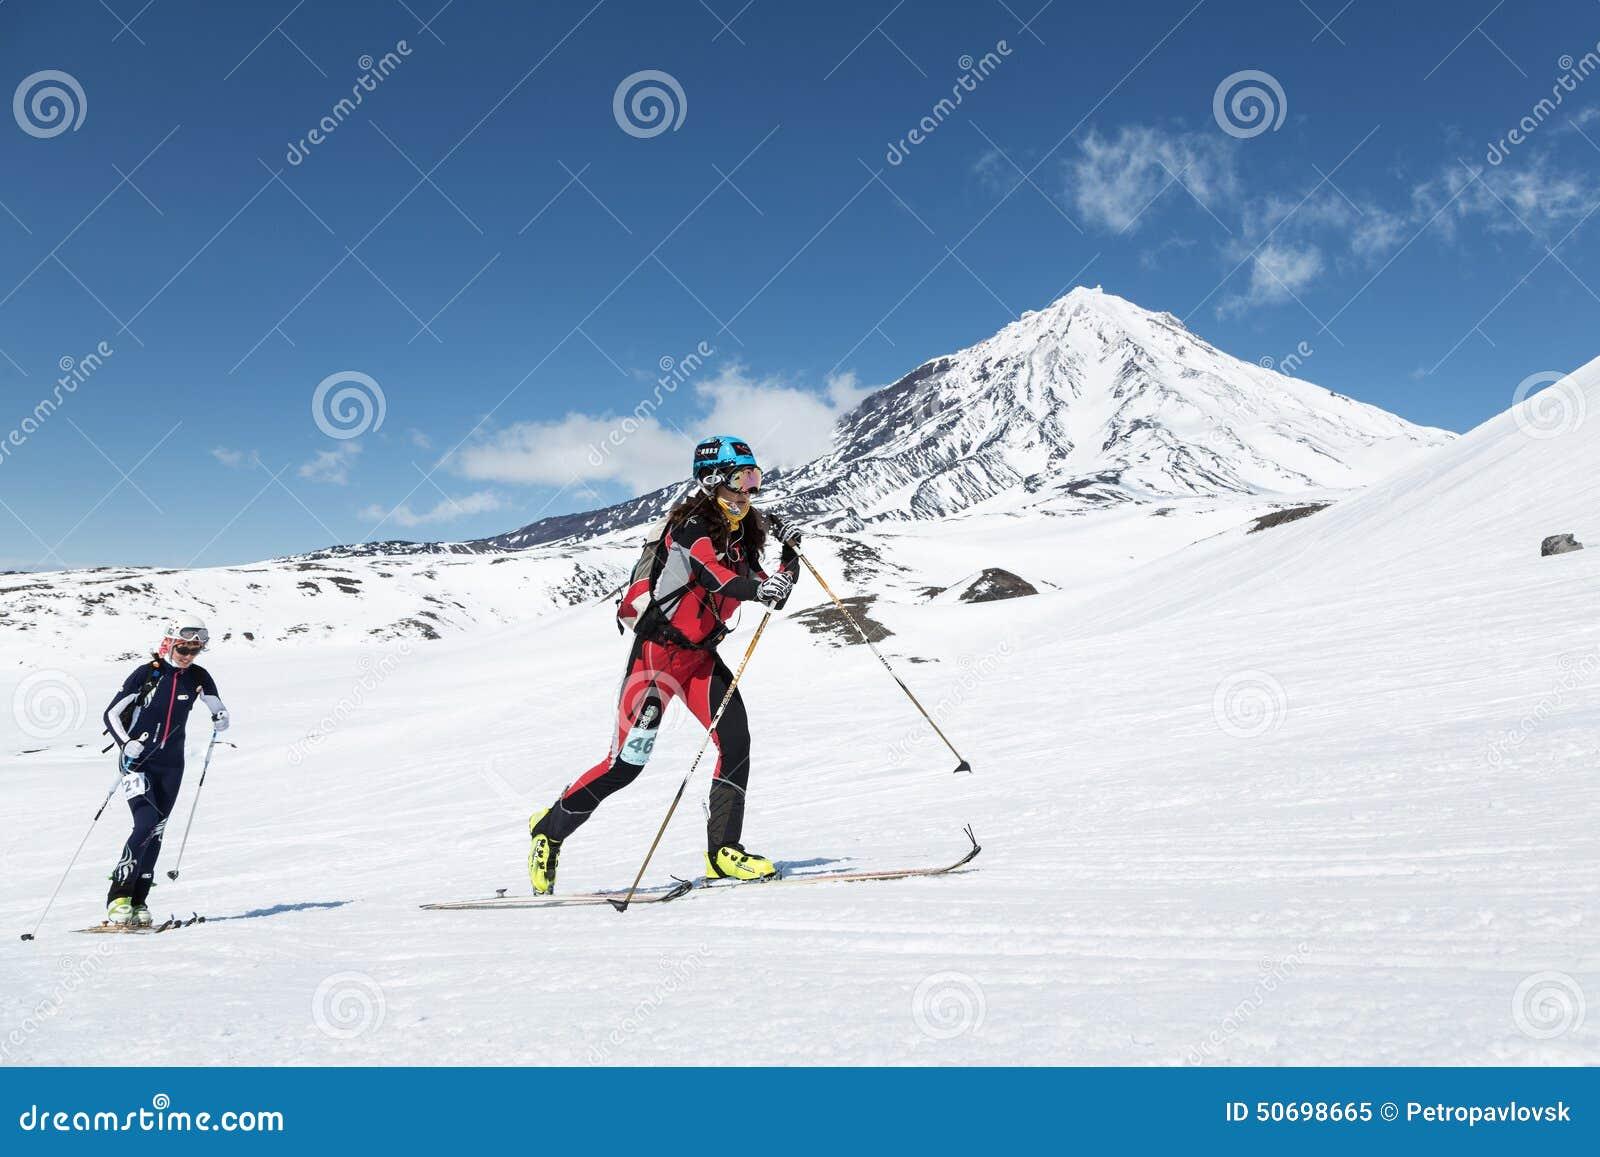 Ski Mountaineering Championships: Girl Ski Mountaineer ...